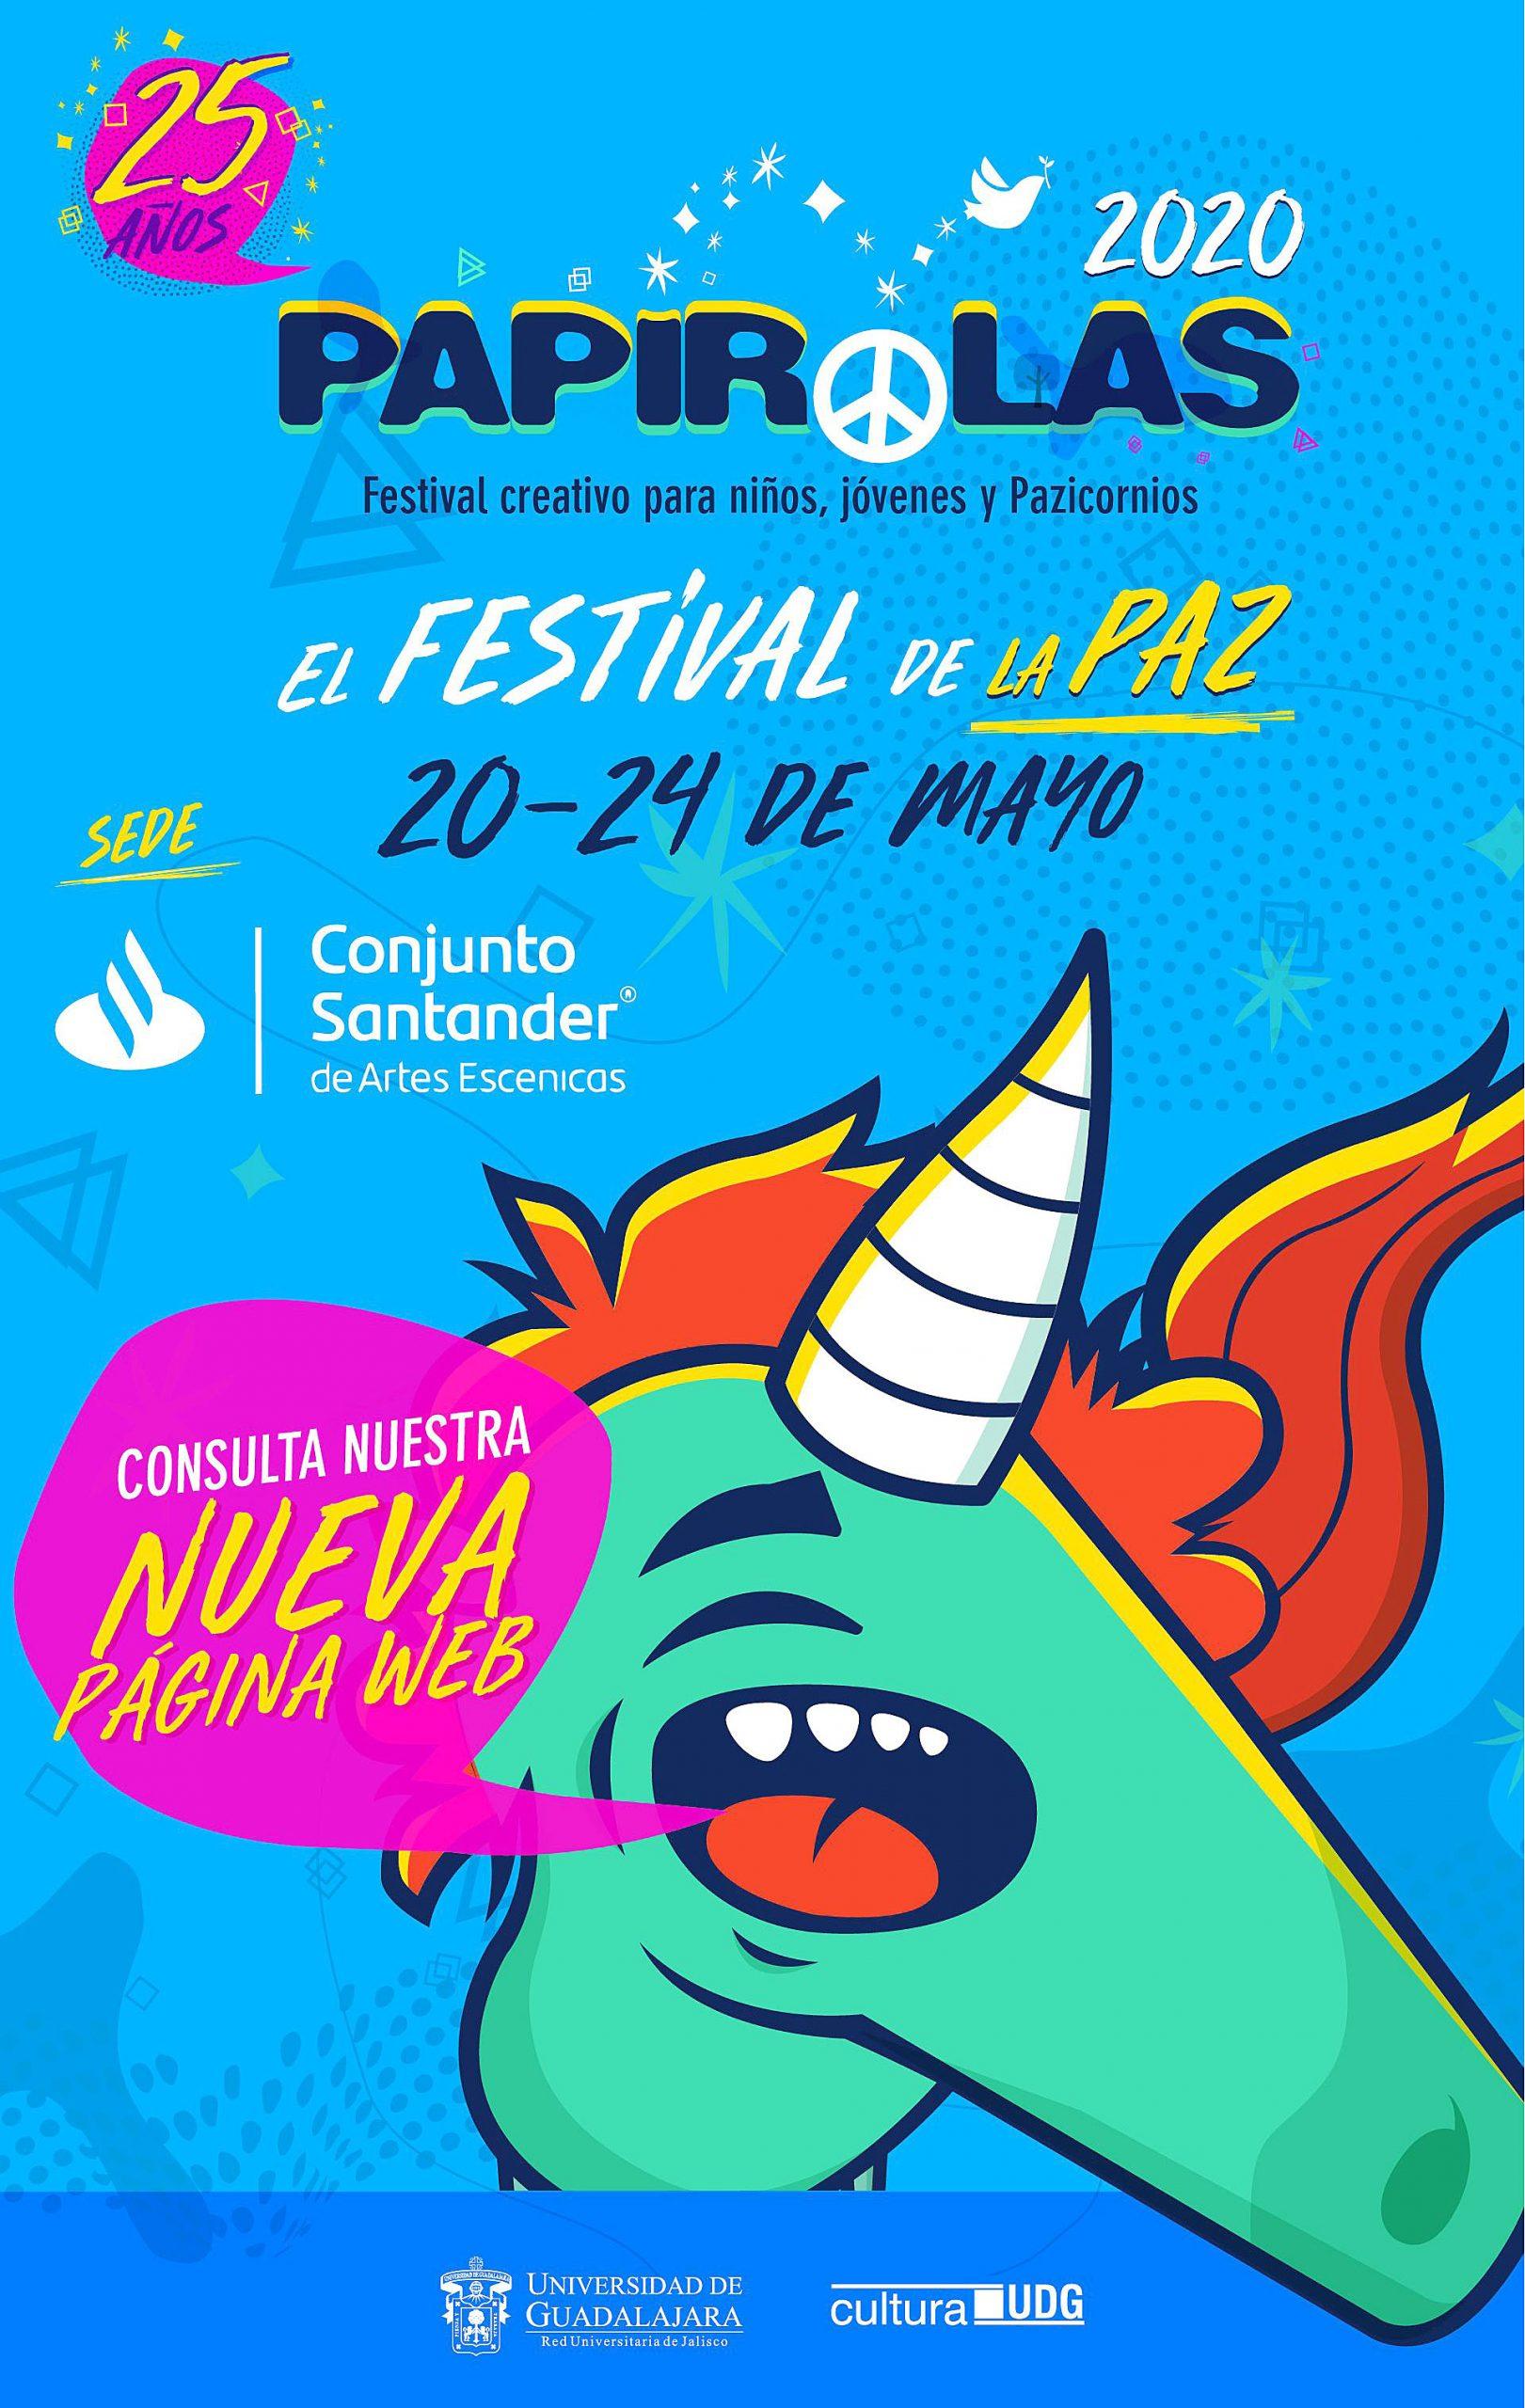 Festival para niñas, niños y adolescentes Papirolas